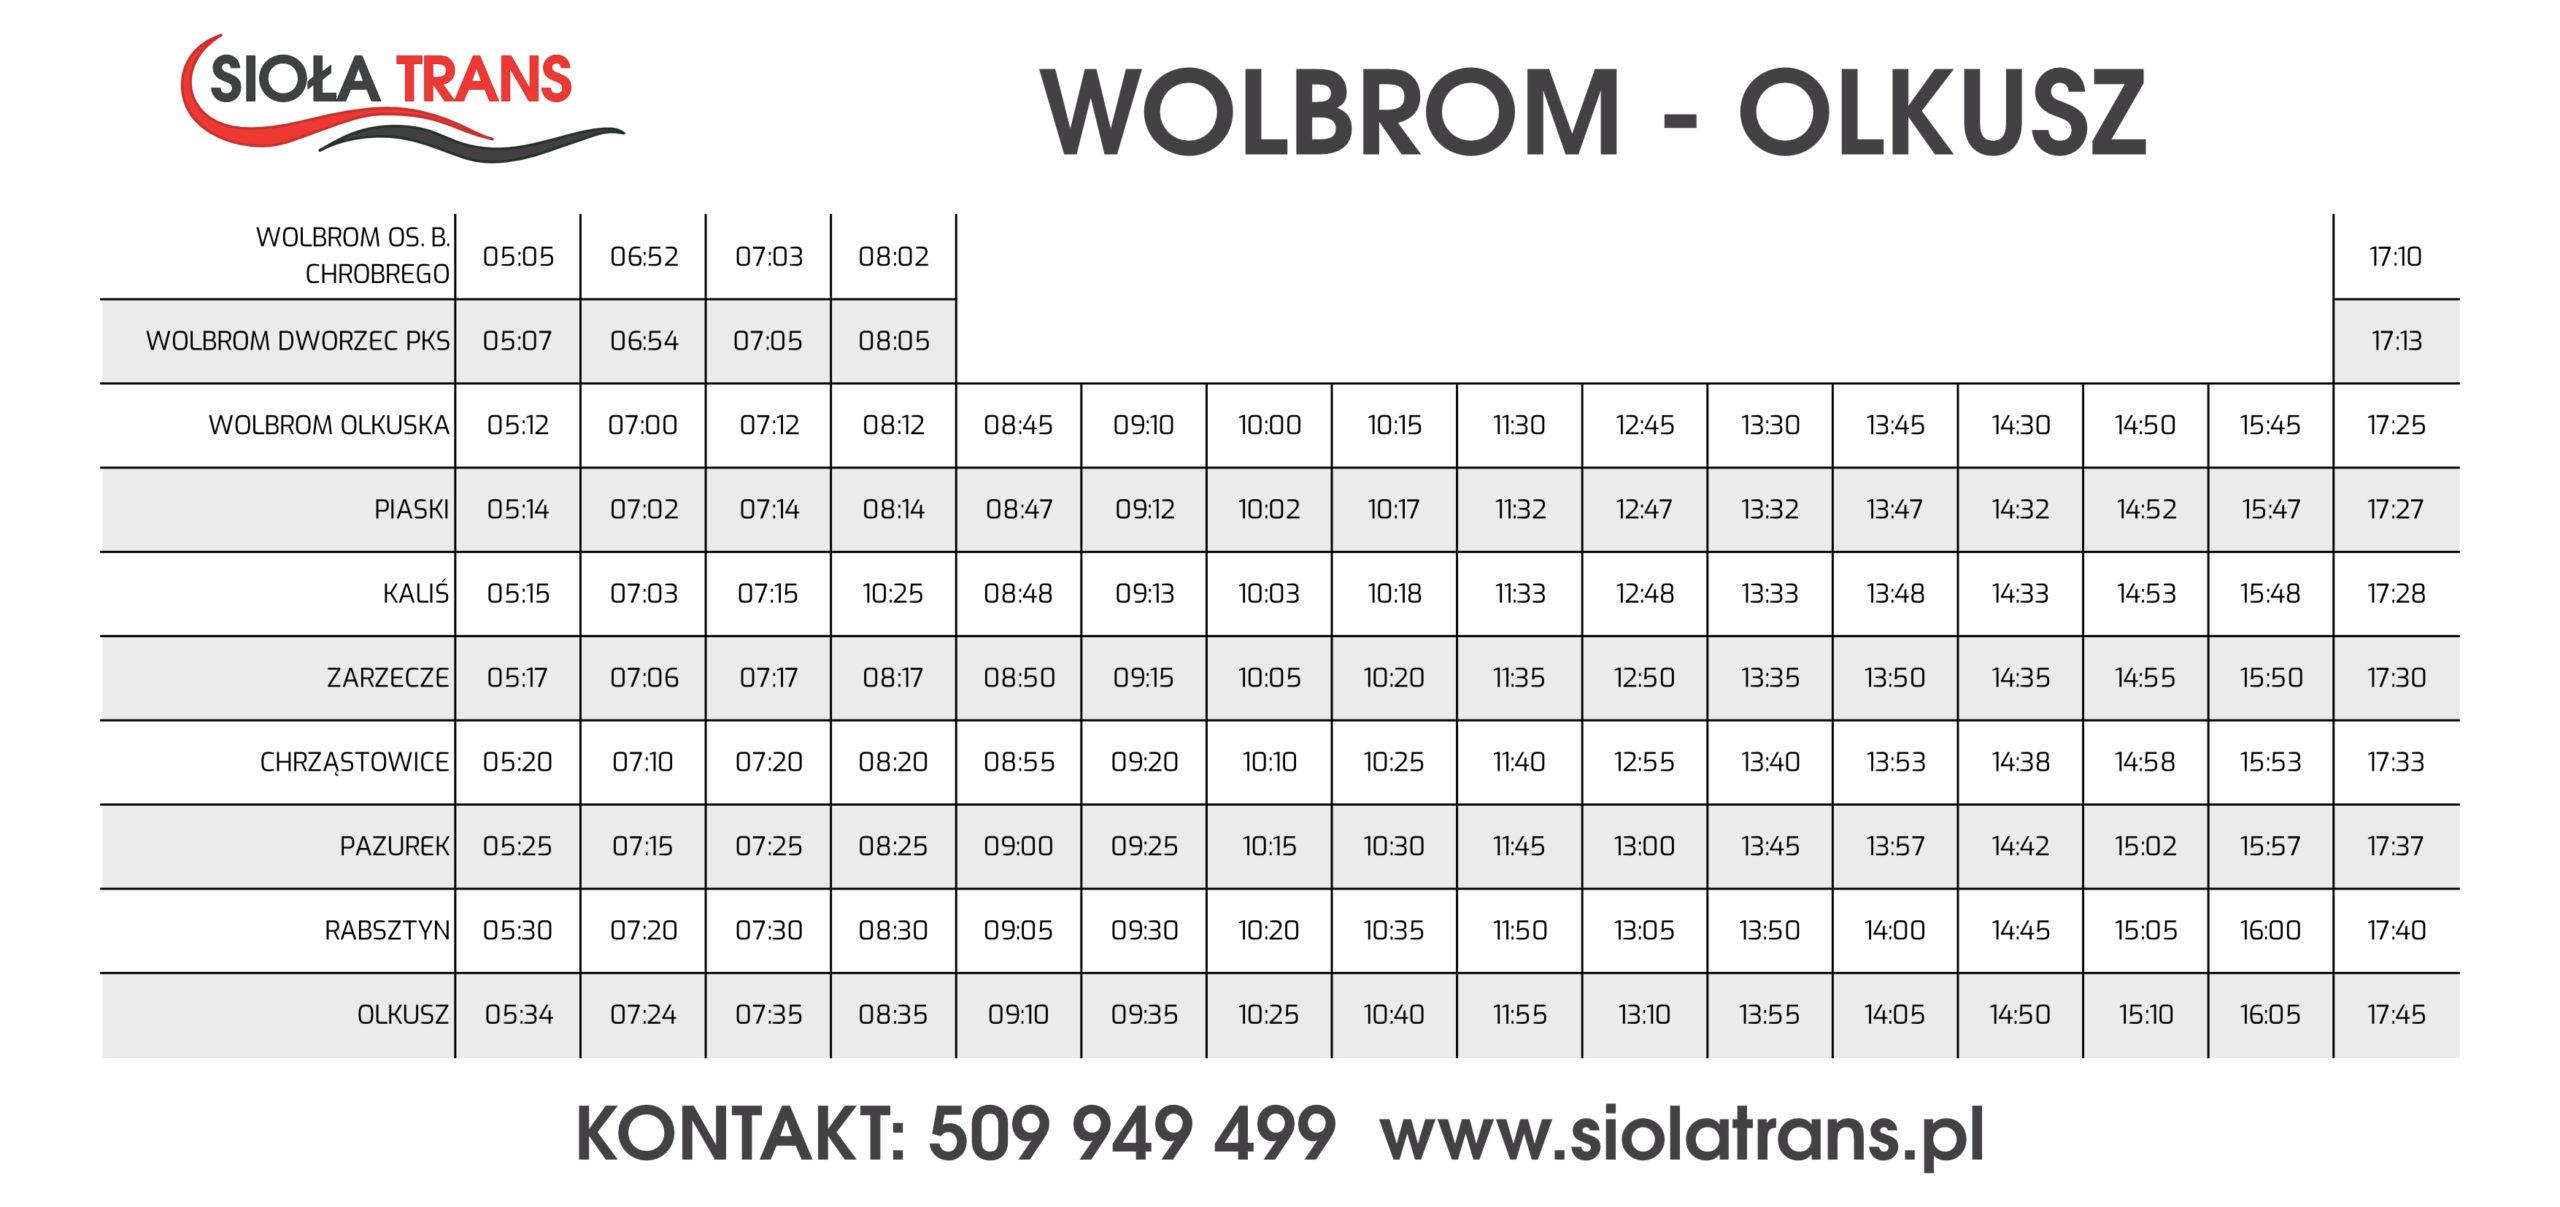 siola_trans_wolbrom_olkusz